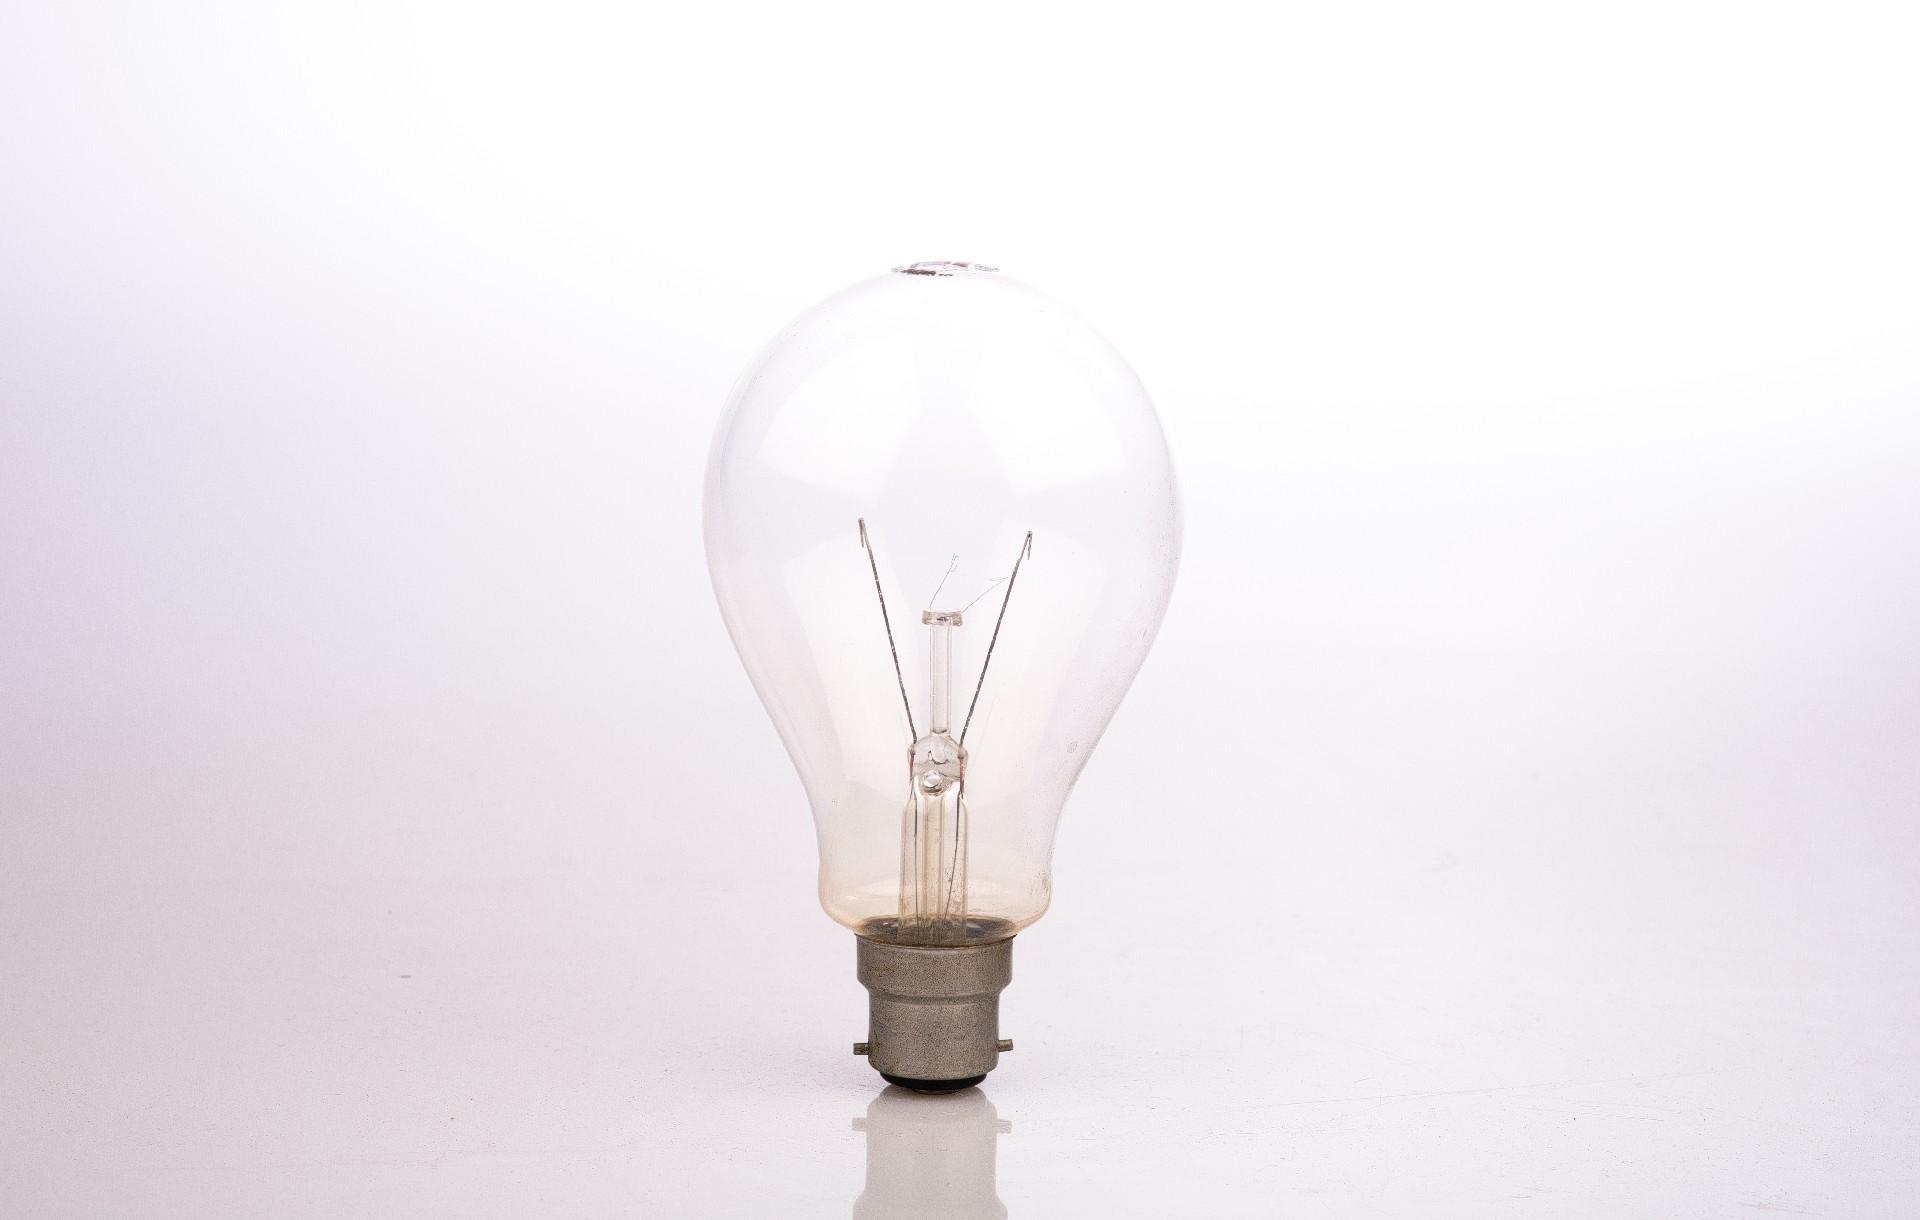 電球のイメージ